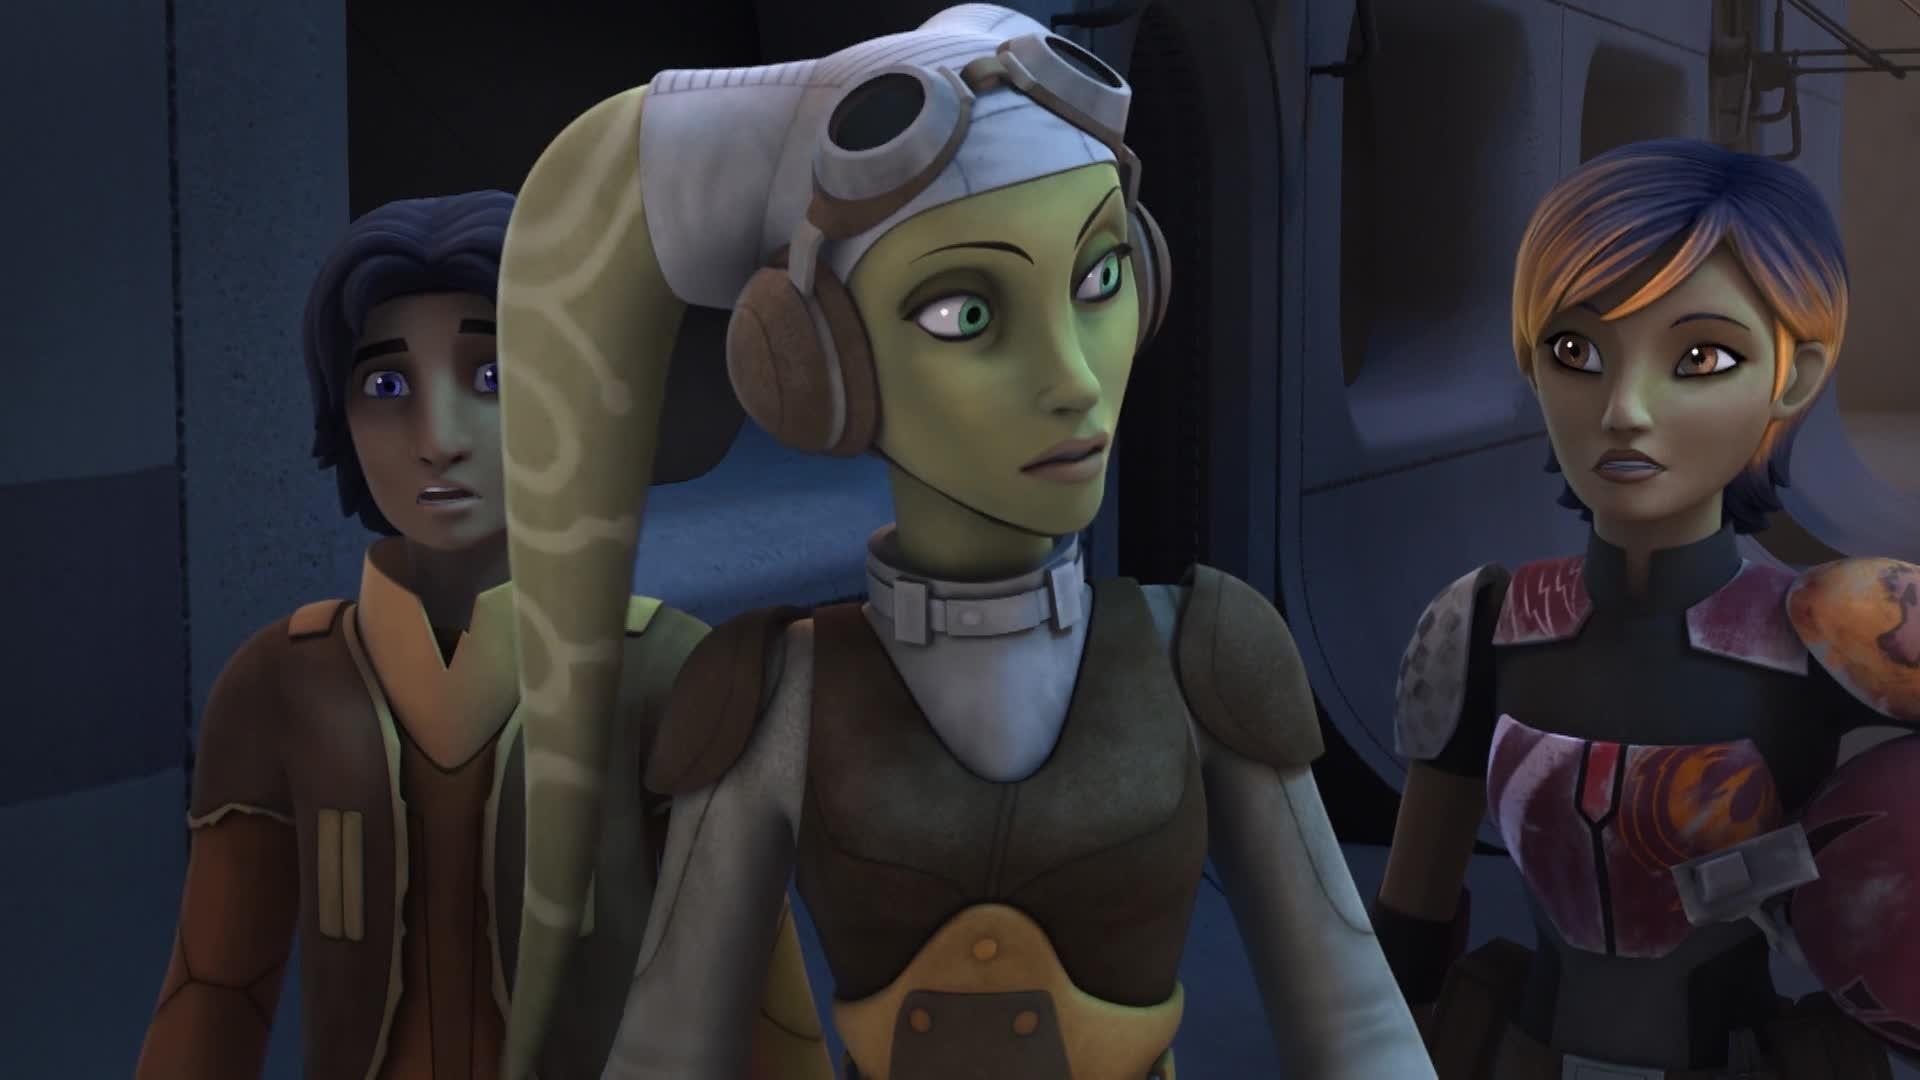 Star Wars Rebels - Minister Tua redden